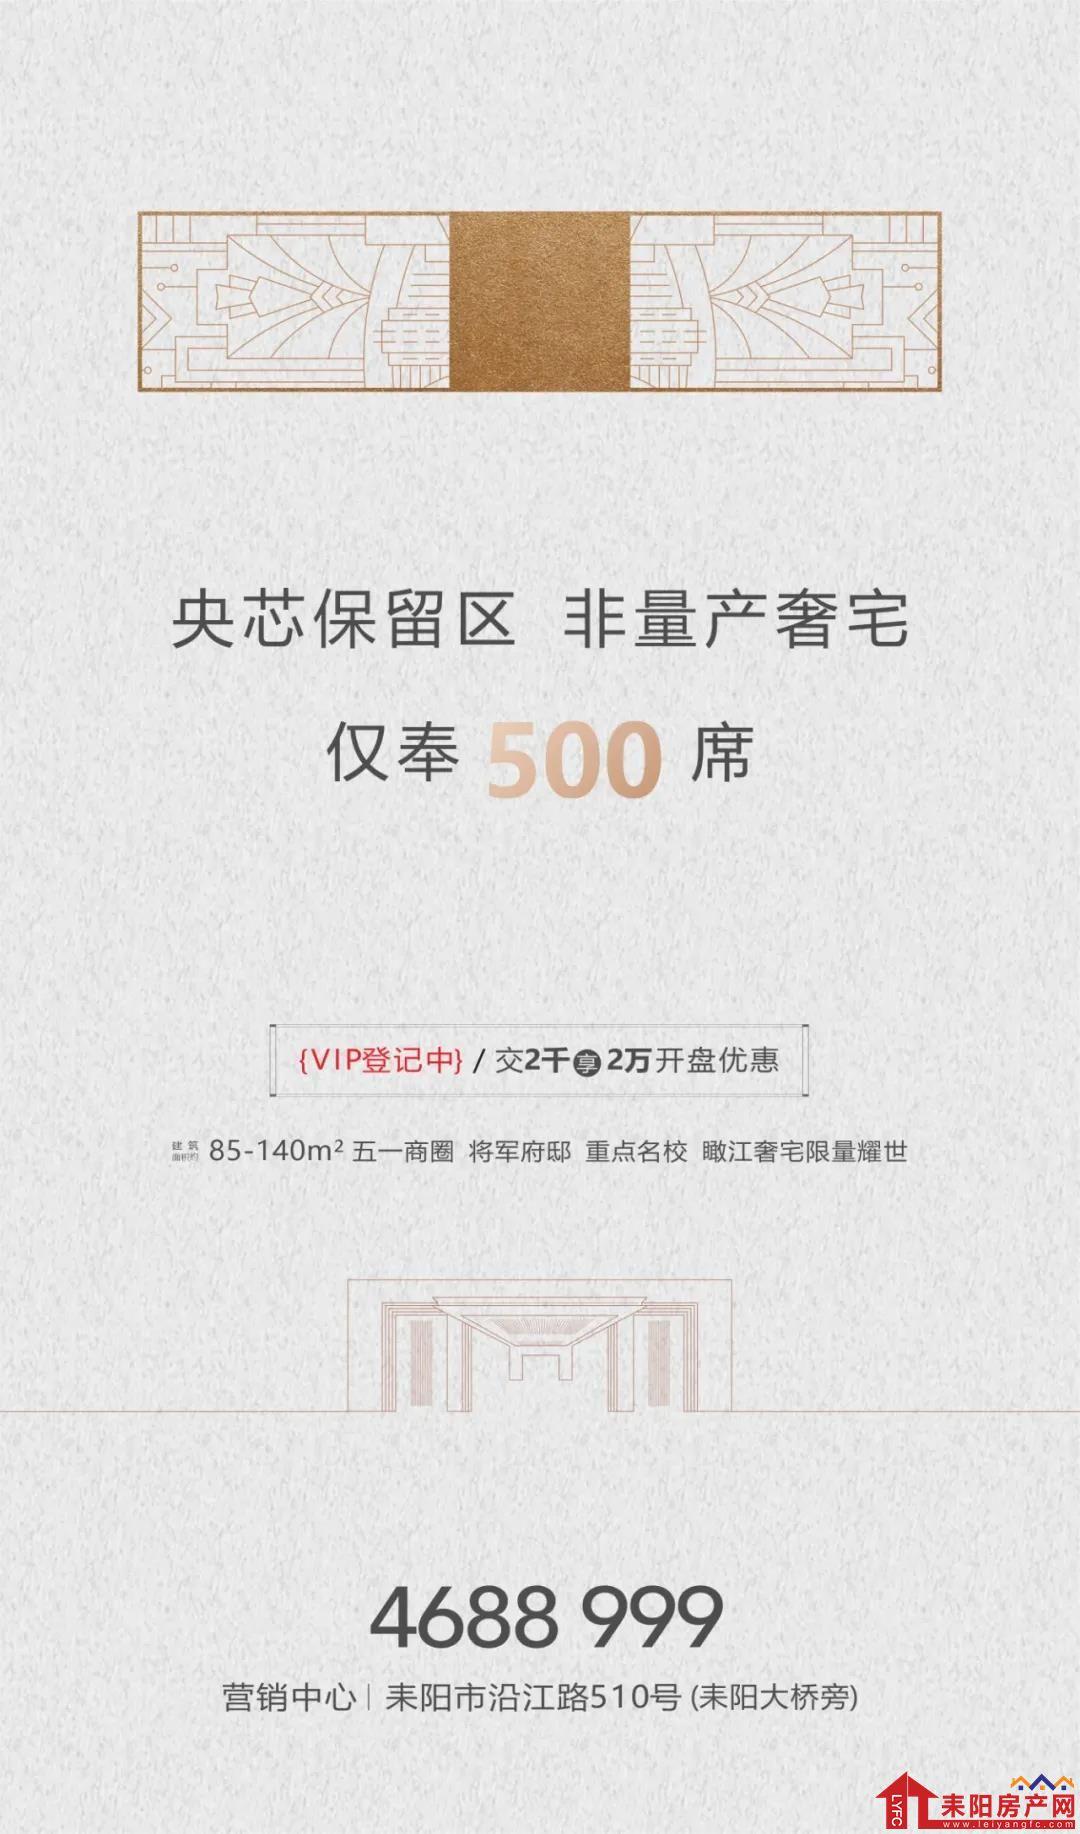 微信图片_20210928094032.jpg